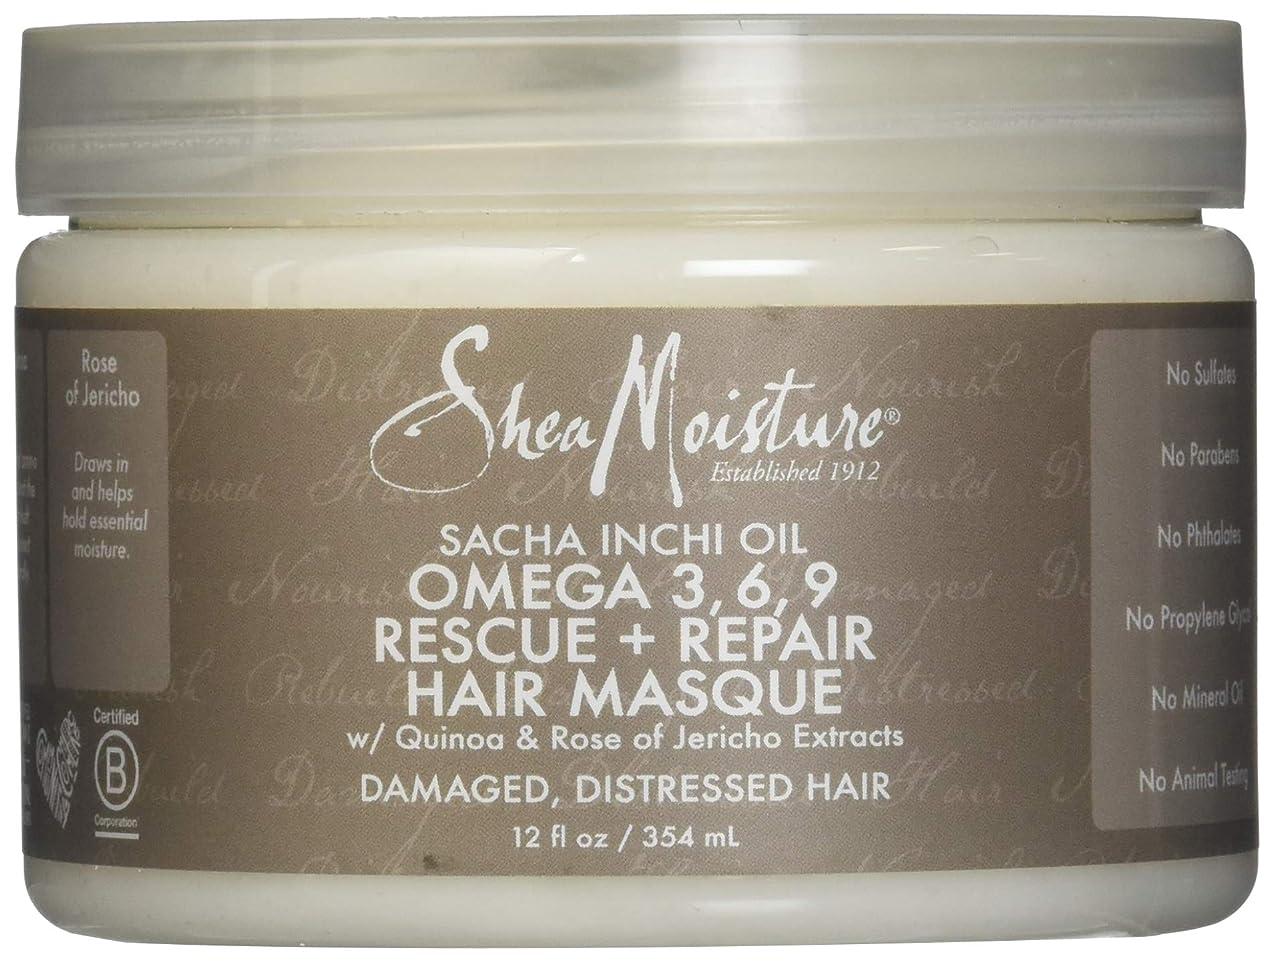 スリット縁講義Sacha Inchi Oil Omega-3-6-9 Rescue & Repair Hair Masque